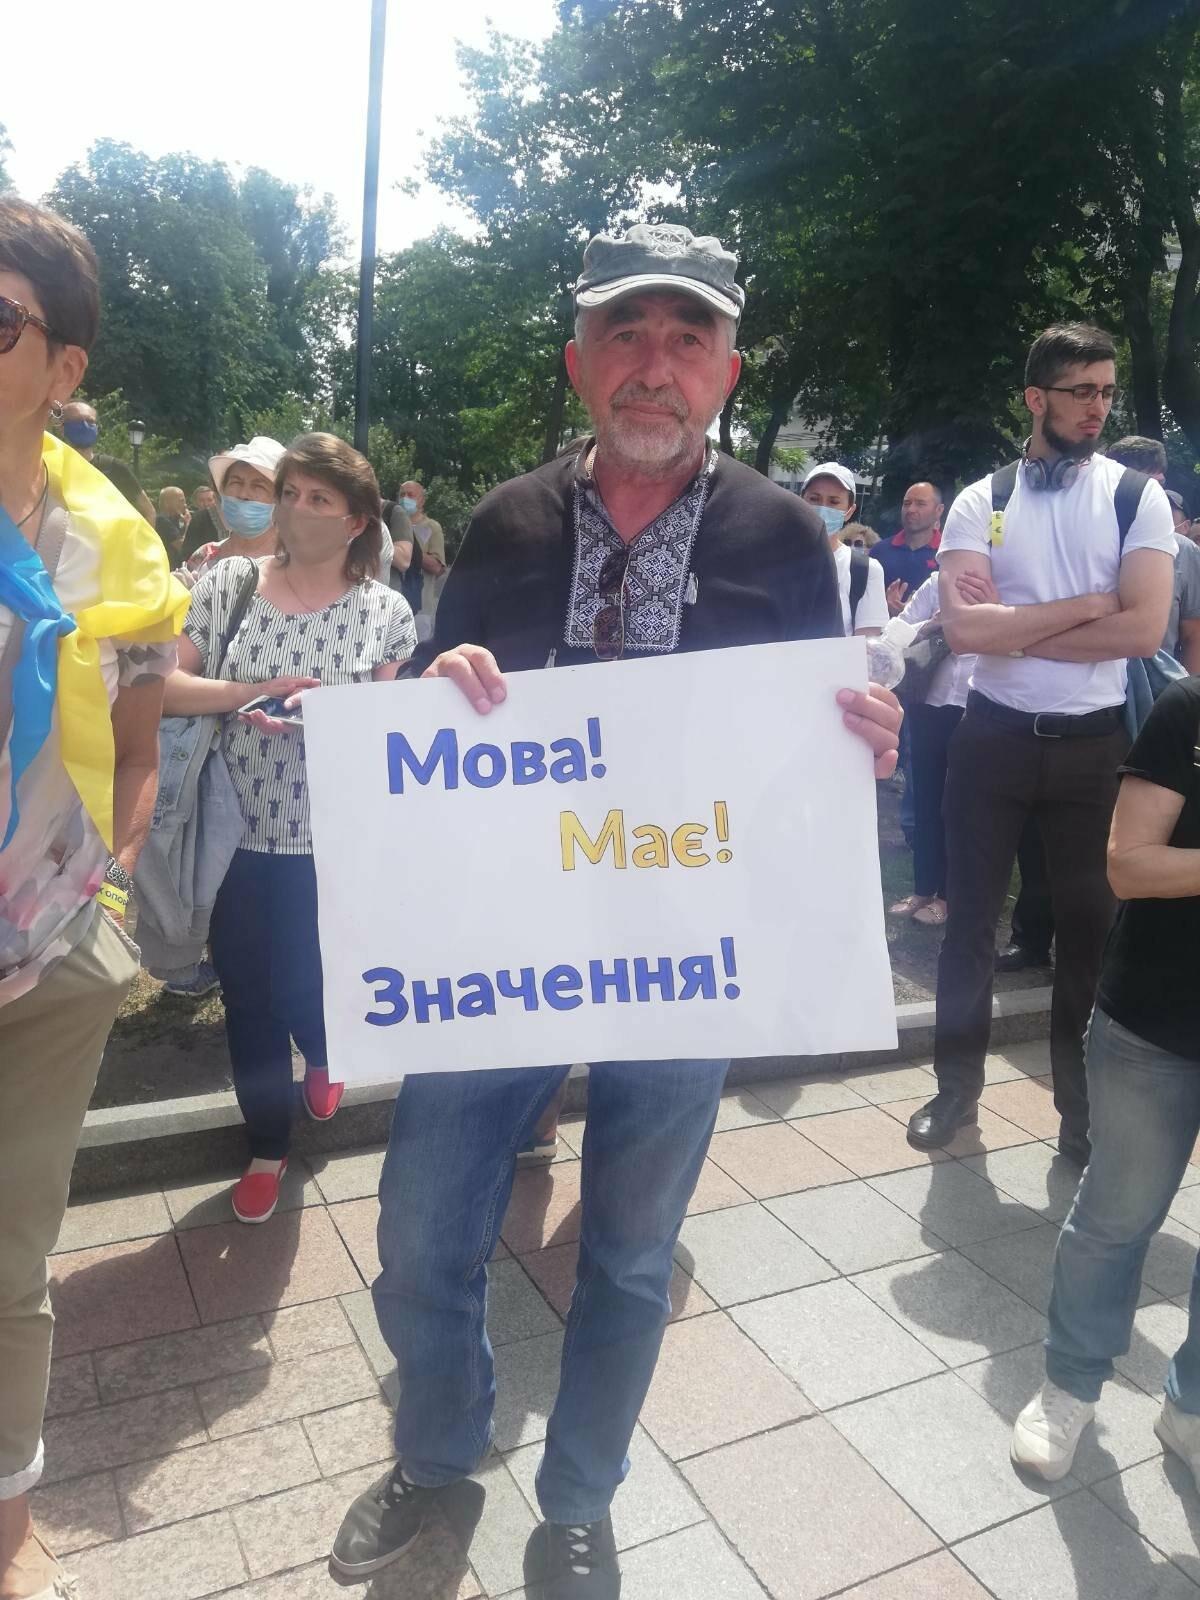 Мова має значення! - українці протестують під ВР, фото-5